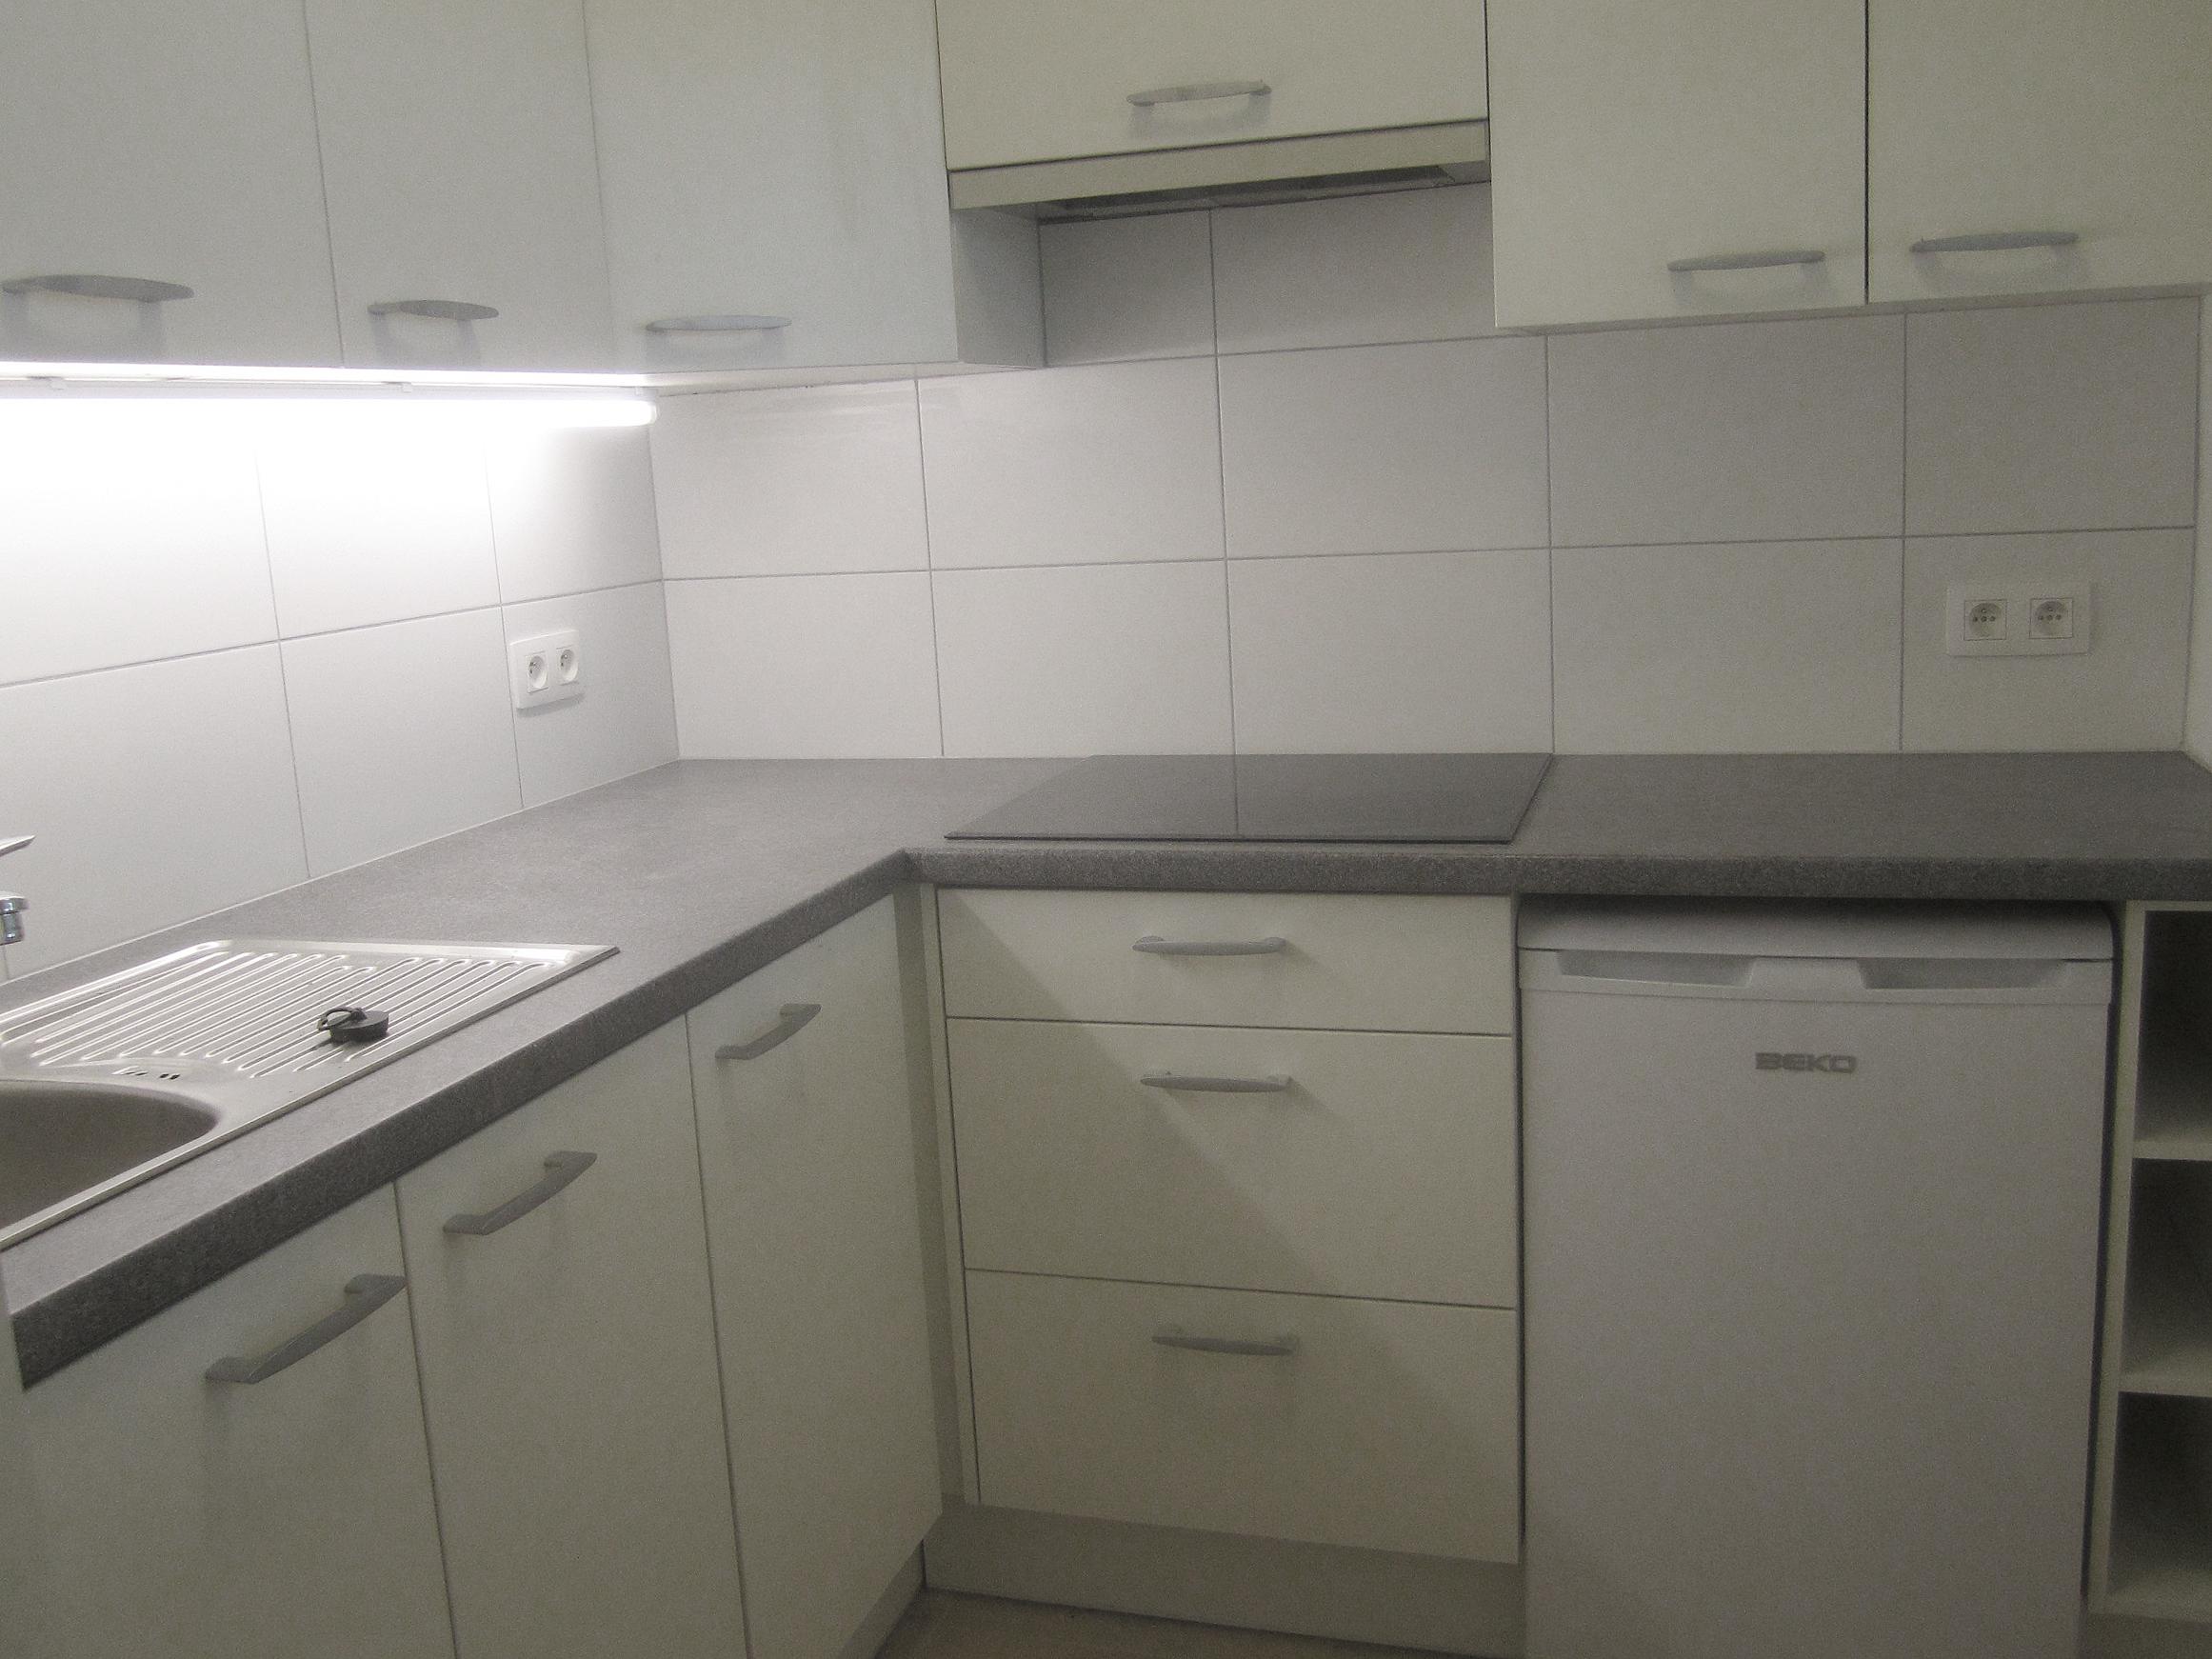 12 keuken met onderverlichting